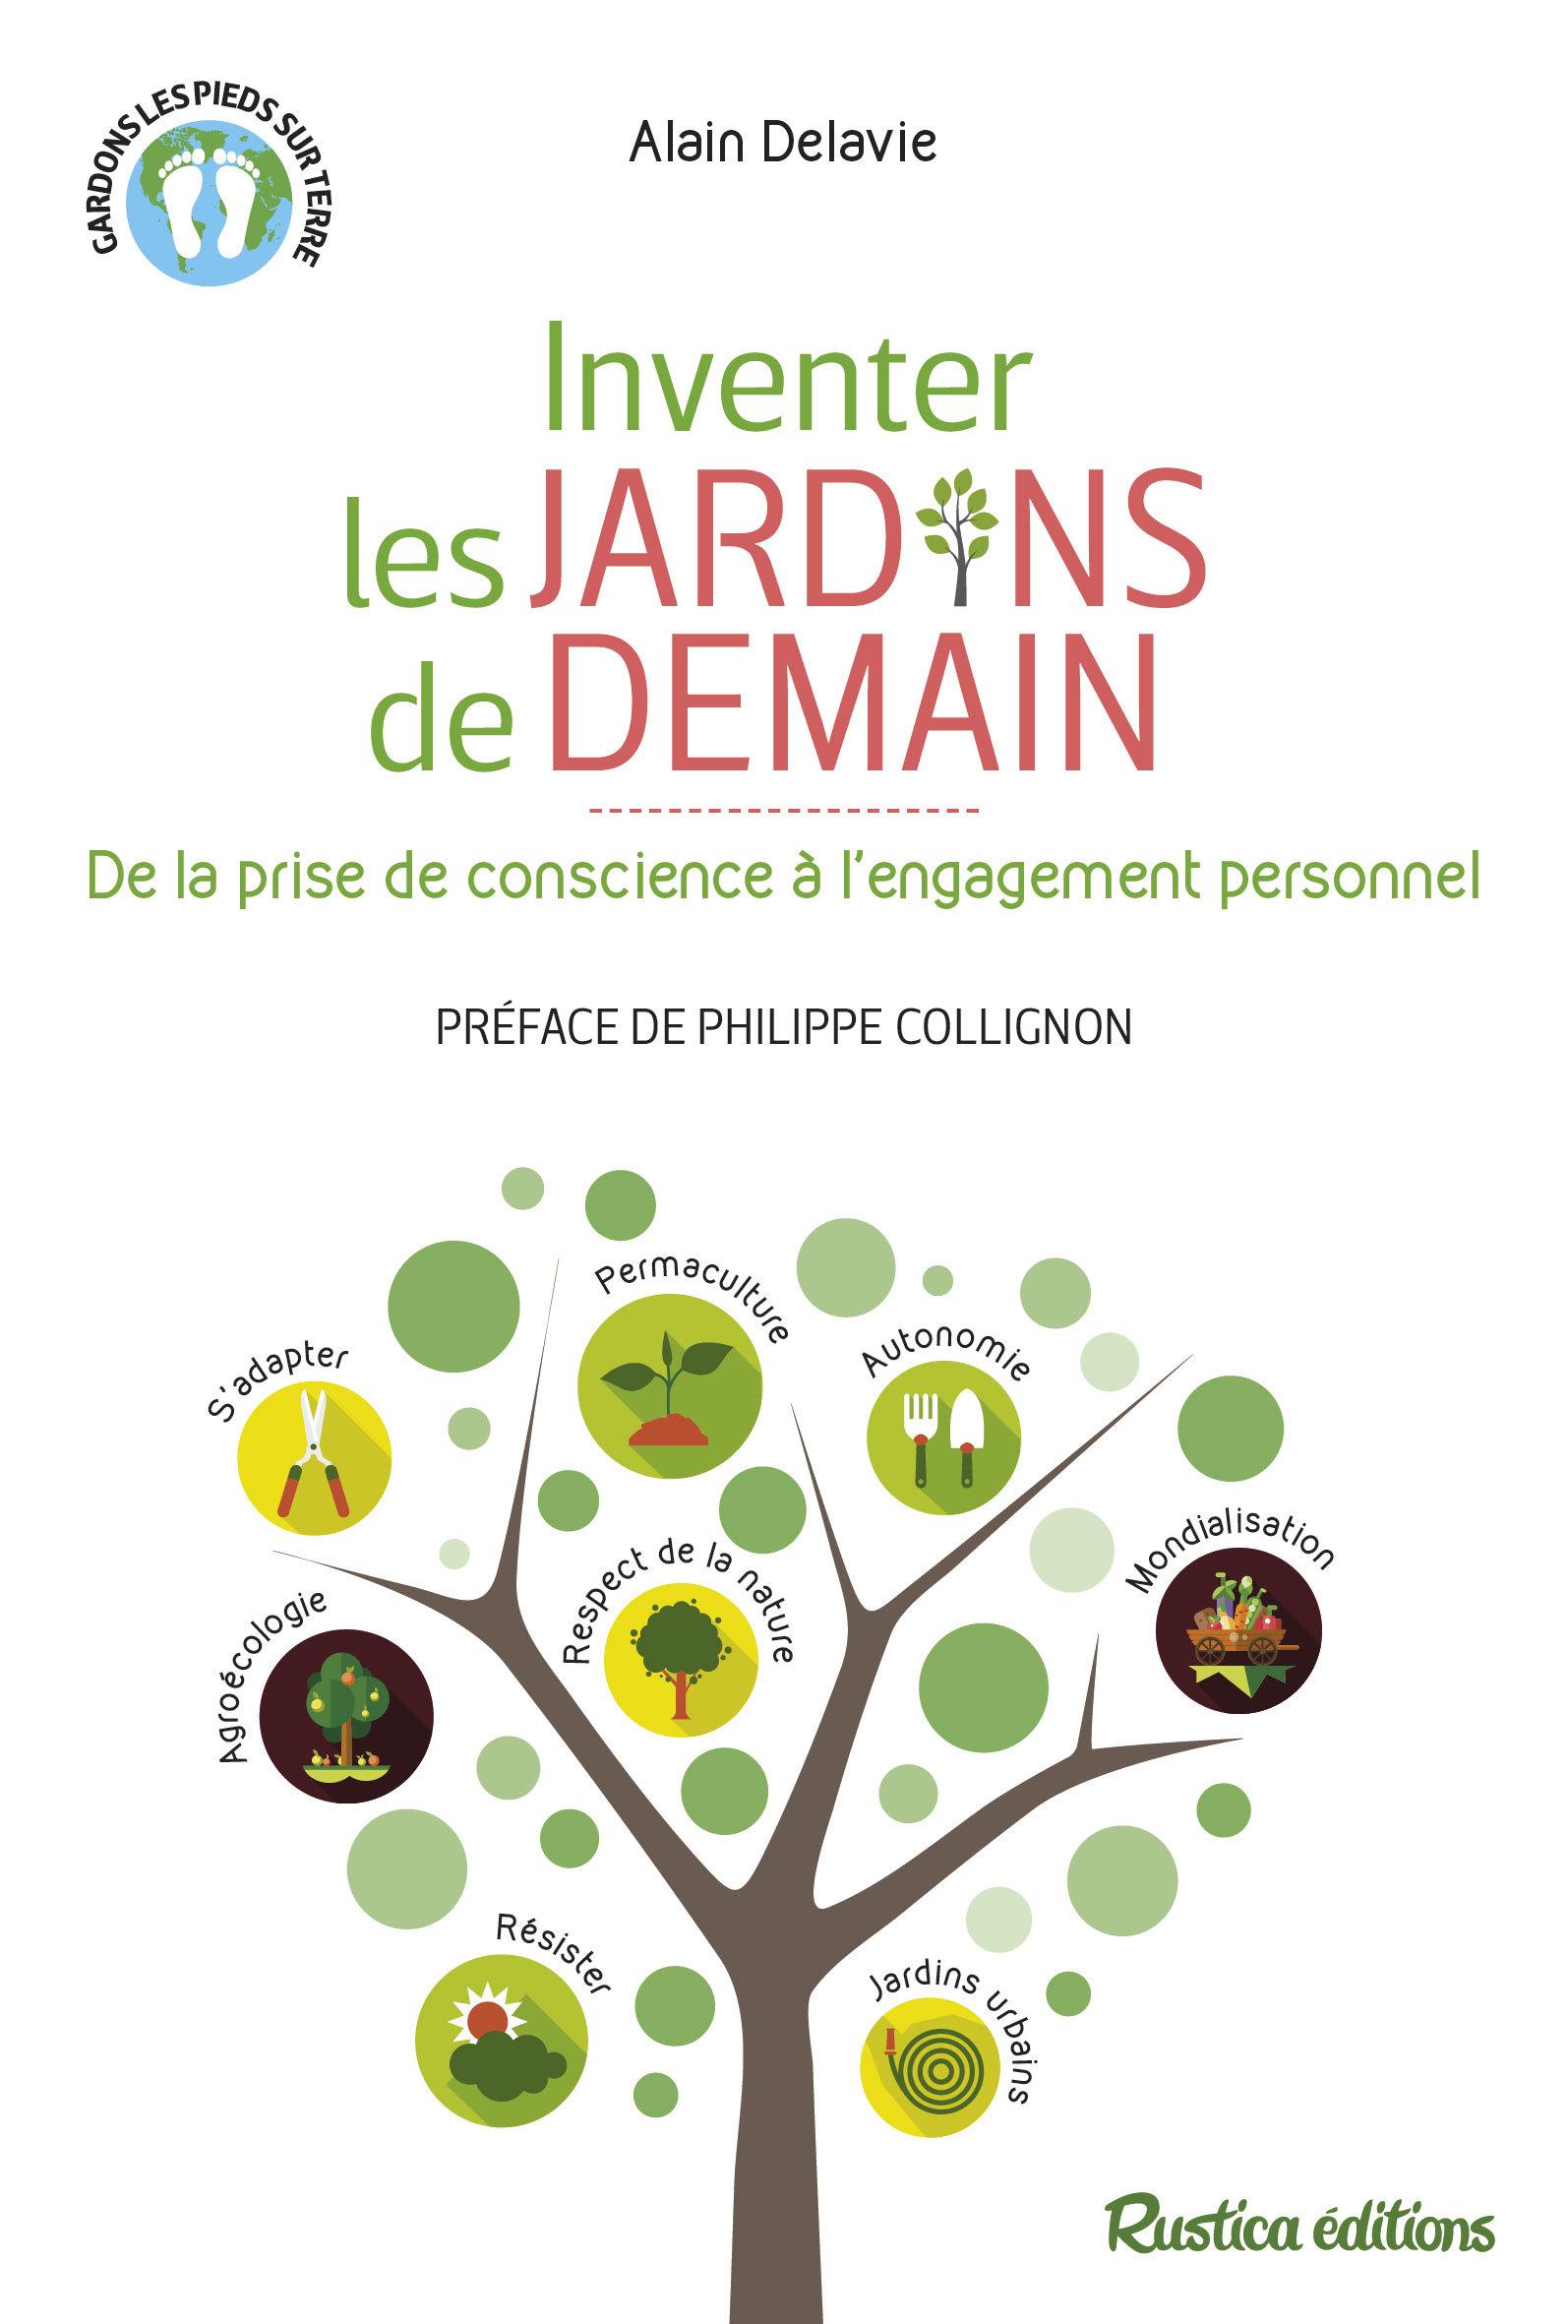 INVENTER LES JARDINS DE DEMAIN. DE LA PRISE DE CONSCIENCE A L'ENGAGEMENT PERSONNEL